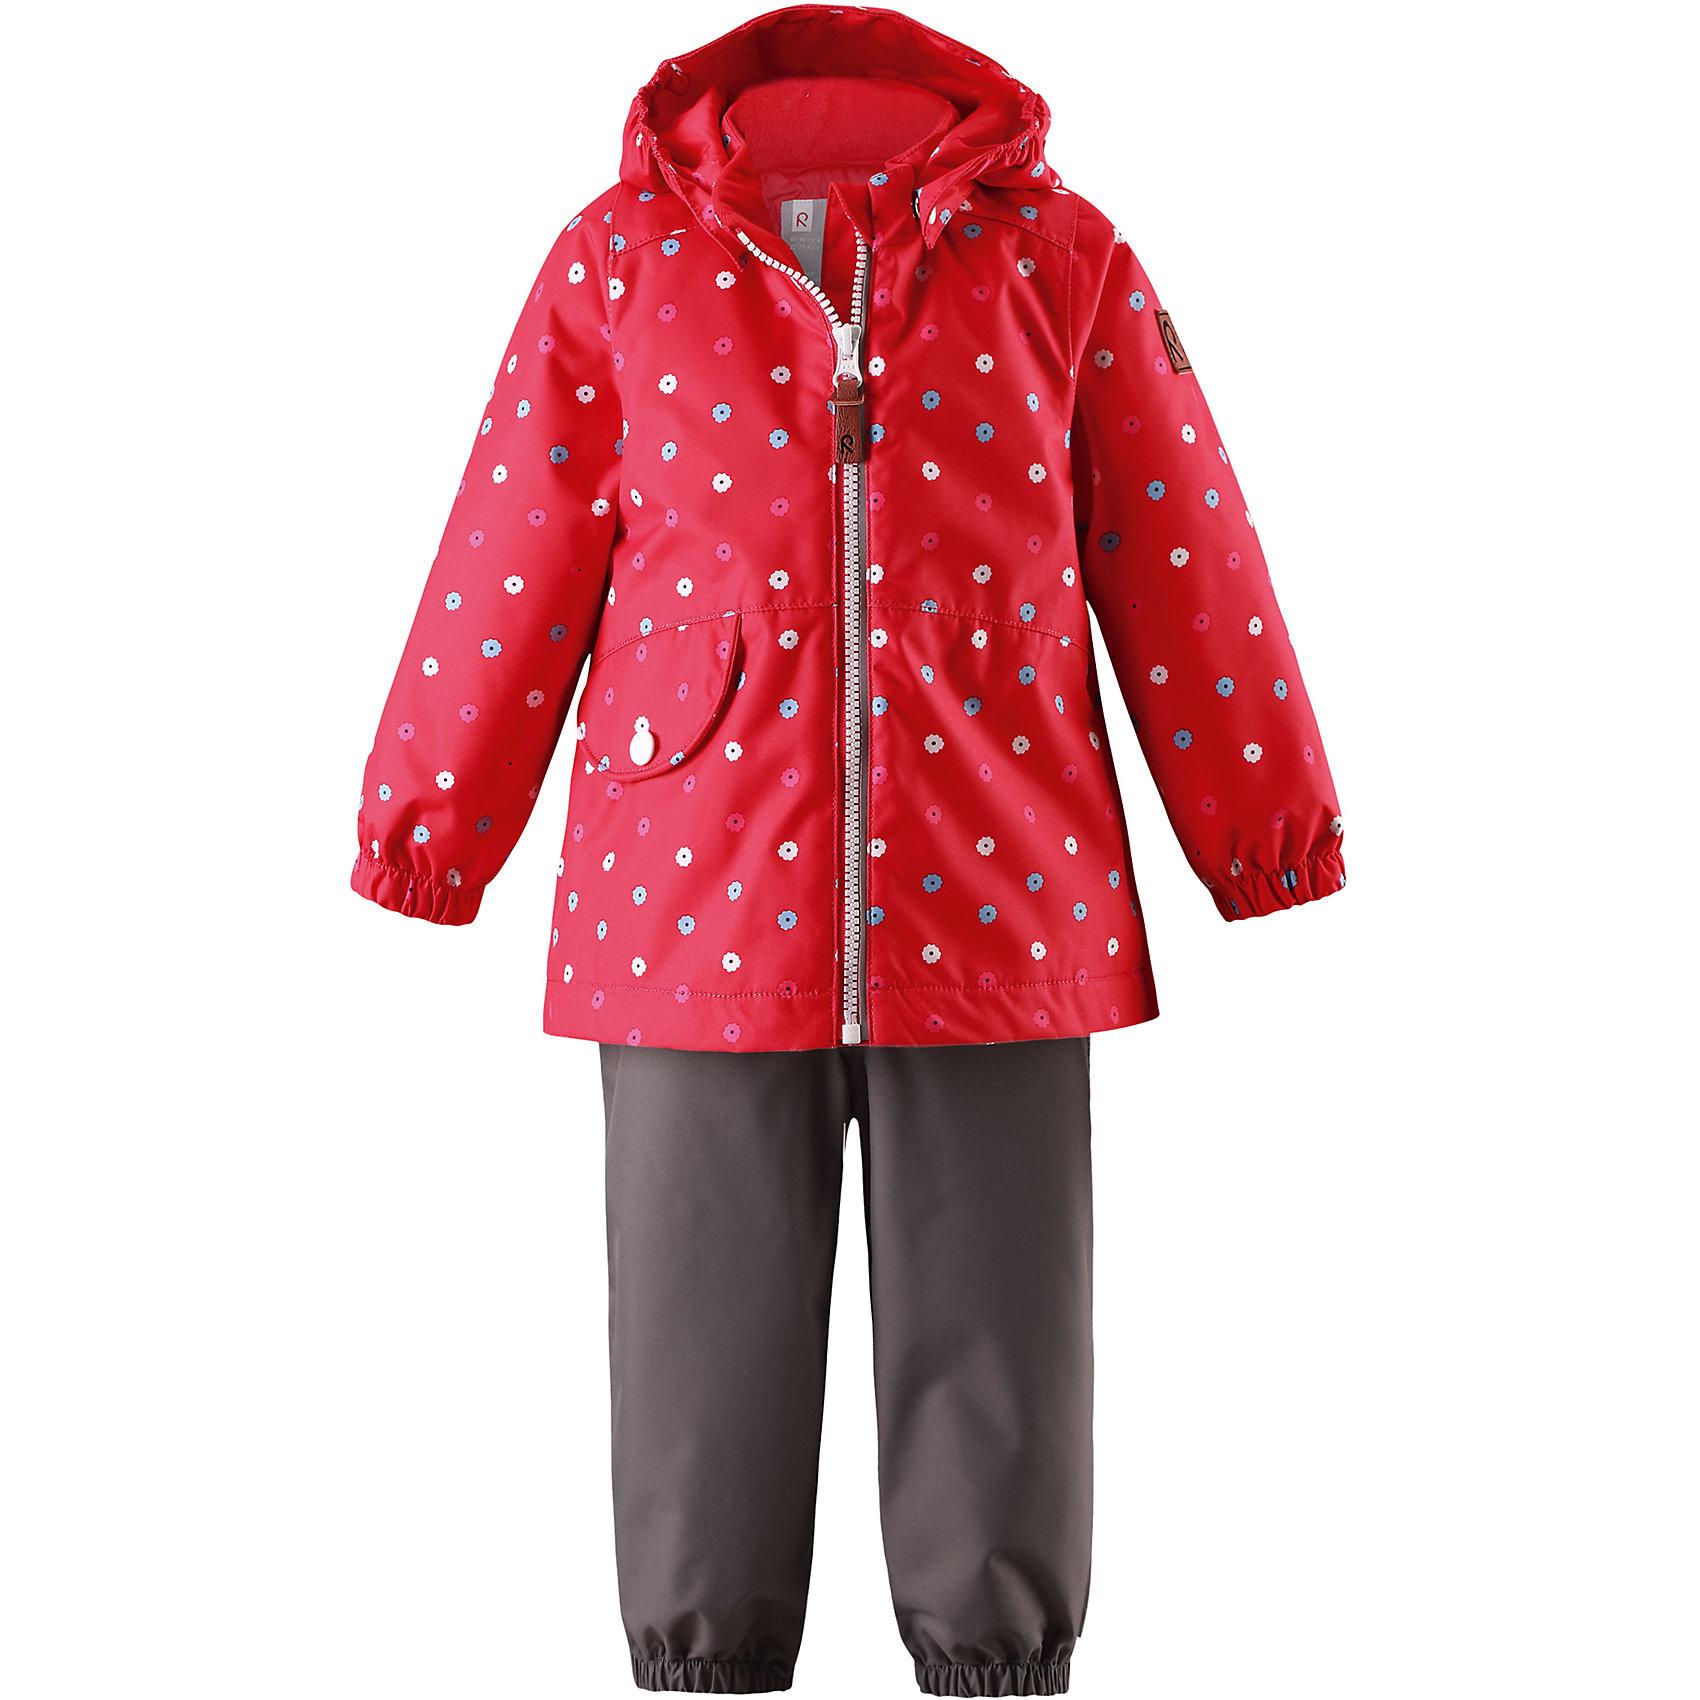 Комплект Hymy: куртка и брюки для девочки Reimatec® ReimaВерхняя одежда<br>Характеристики товара:<br><br>• цвет: красный/серый<br>• состав: 100% полиэстер, полиуретановое покрытие<br>• температурный режим: от 0° до +10°С<br>• легкий утеплитель: 80 гр/м2<br>• водонепроницаемость: 8000 мм<br>• воздухопроницаемость: 5000 мм<br>• износостойкость: 30000 циклов (тест Мартиндейла)<br>• основные швы проклеены, водонепроницаемы<br>• водо- и ветронепроницаемый, дышащий, грязеотталкивающий материал<br>• гладкая подкладка из полиэстера<br>• безопасный съёмный капюшон<br>• трапециевидный силуэт с удлинённой спинкой<br>• эластичные манжеты <br>• эластичная регулируемая талия<br>• карман с клапаном<br>• комфортная посадка<br>• съемные эластичные штрипки<br>• светоотражающие детали<br>• молния<br>• страна производства: Китай<br>• страна бренда: Финляндия<br>• коллекция: весна-лето 2017<br><br>Демисезонный комплект из куртки и штанов поможет обеспечить ребенку комфорт и тепло. Предметы отлично смотрятся с различной одеждой. Комплект удобно сидит и модно выглядит. Материал отлично подходит для дождливой погоды. Стильный дизайн разрабатывался специально для детей.<br><br>Обувь и одежда от финского бренда Reima пользуются популярностью во многих странах. Они стильные, качественные и удобные. Для производства продукции используются только безопасные, проверенные материалы и фурнитура.<br><br>Комплект: куртка и брюки для девочки Reimatec® от финского бренда Reima (Рейма) можно купить в нашем интернет-магазине.<br><br>Ширина мм: 356<br>Глубина мм: 10<br>Высота мм: 245<br>Вес г: 519<br>Цвет: красный<br>Возраст от месяцев: 6<br>Возраст до месяцев: 9<br>Пол: Женский<br>Возраст: Детский<br>Размер: 74,98,92,86,80<br>SKU: 5265820